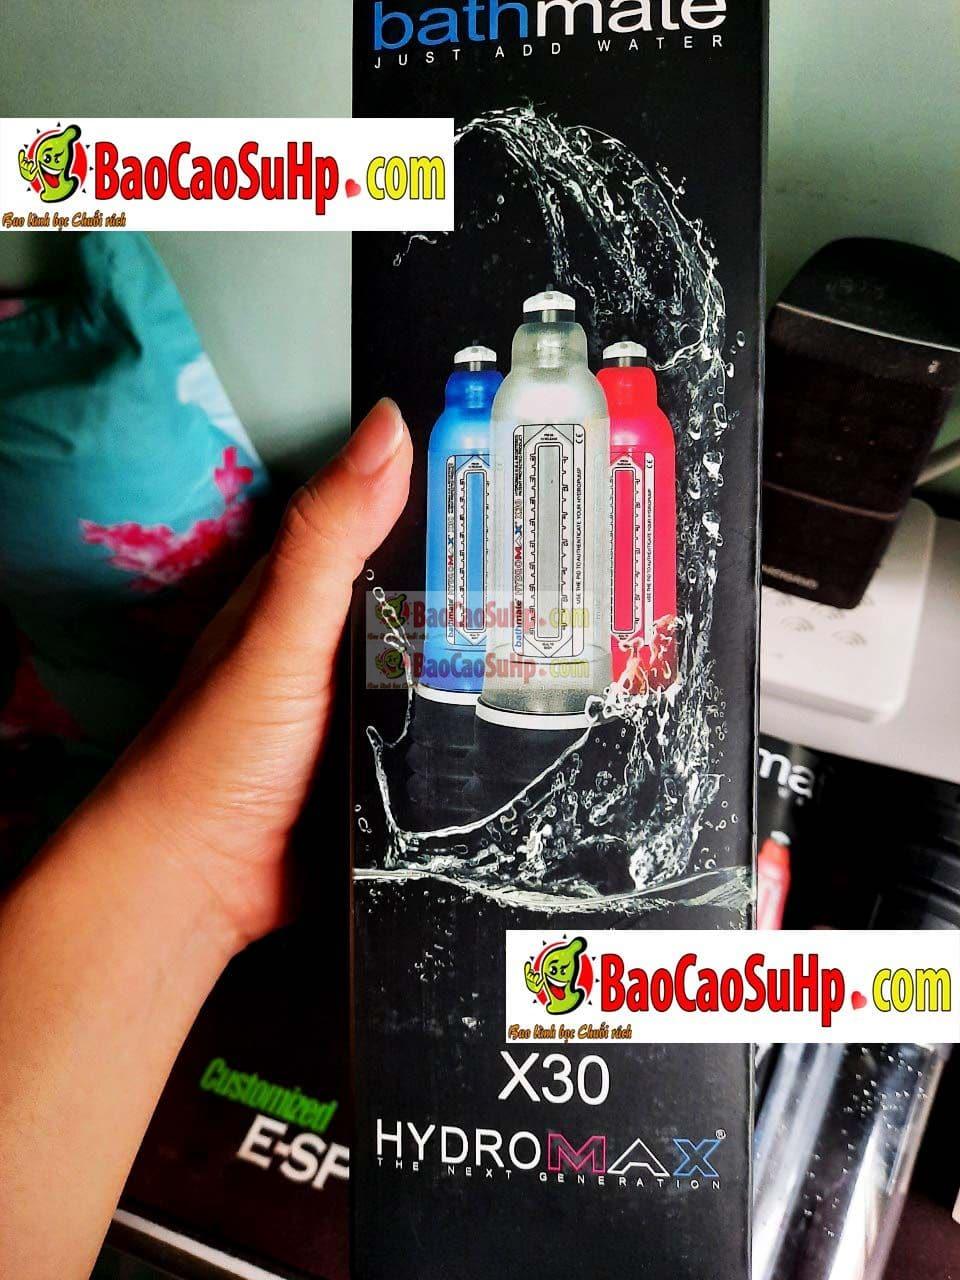 20200417114856 7458560 huong dan su dung may tap bathmate hydromax pump x30 2 - Cách sử dụng Máy tập dương vật Bathmate Hydromax Pump X30 đúng cách và hiệu quả.